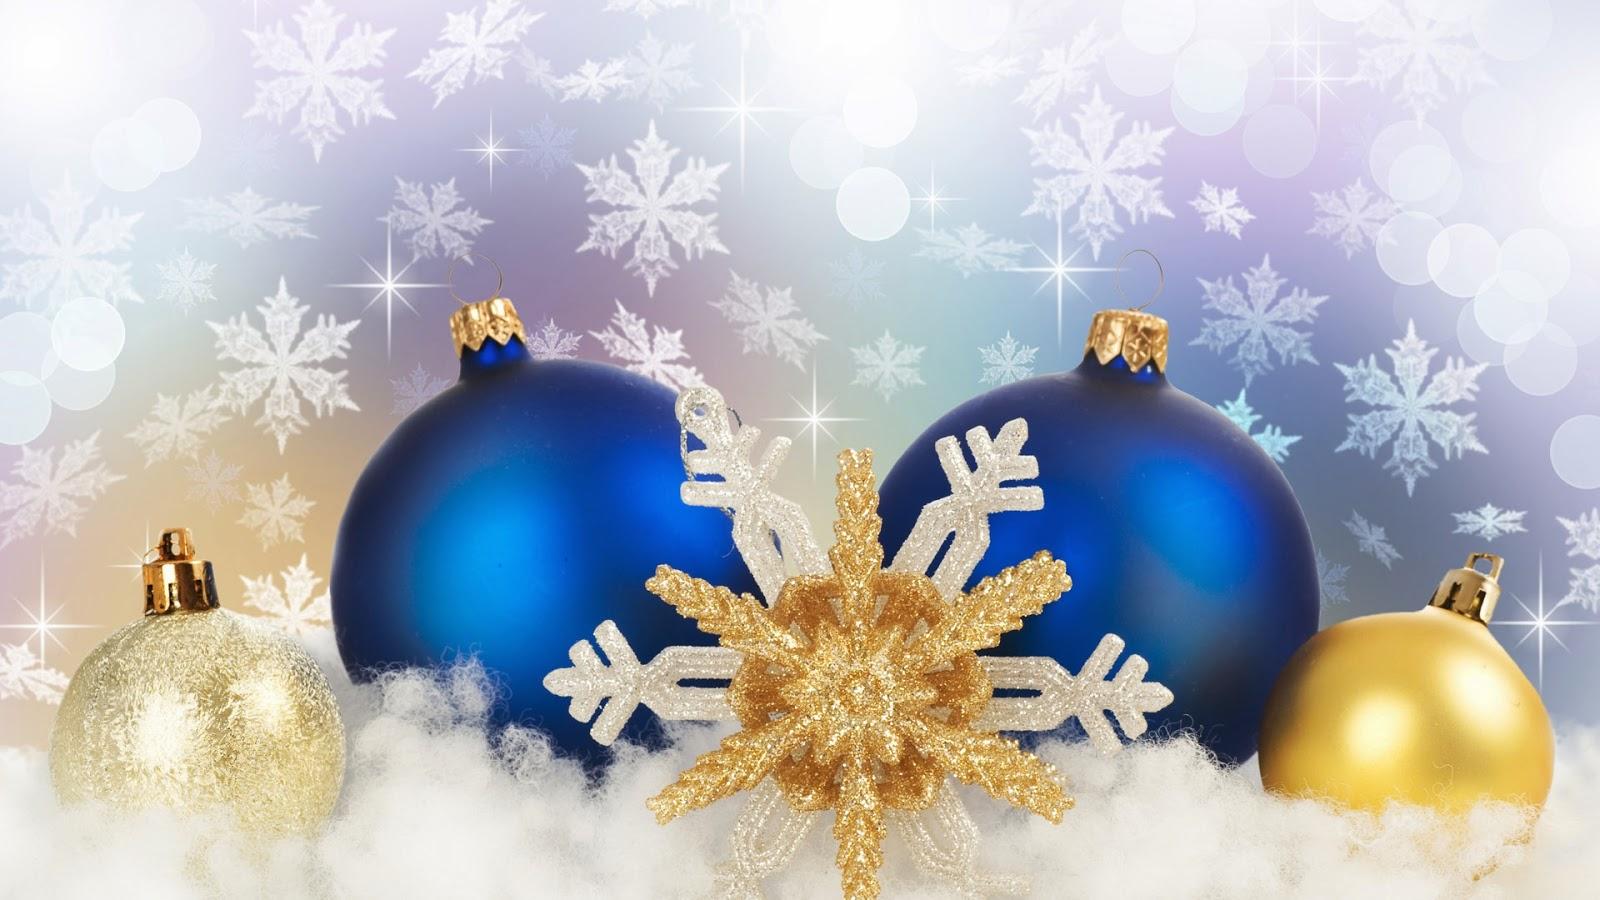 6a9fcad3c7ee6 Wallpapers de Navidad - Feliz Navidad - Esferas navideñas azul y amarilla  con fondo ilusorio